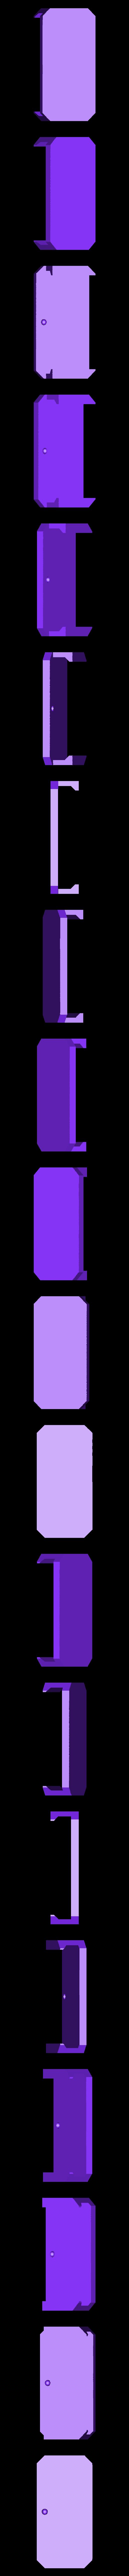 18650 box cap.stl Télécharger fichier STL gratuit 18650 boîtier de batterie • Modèle à imprimer en 3D, wavelog